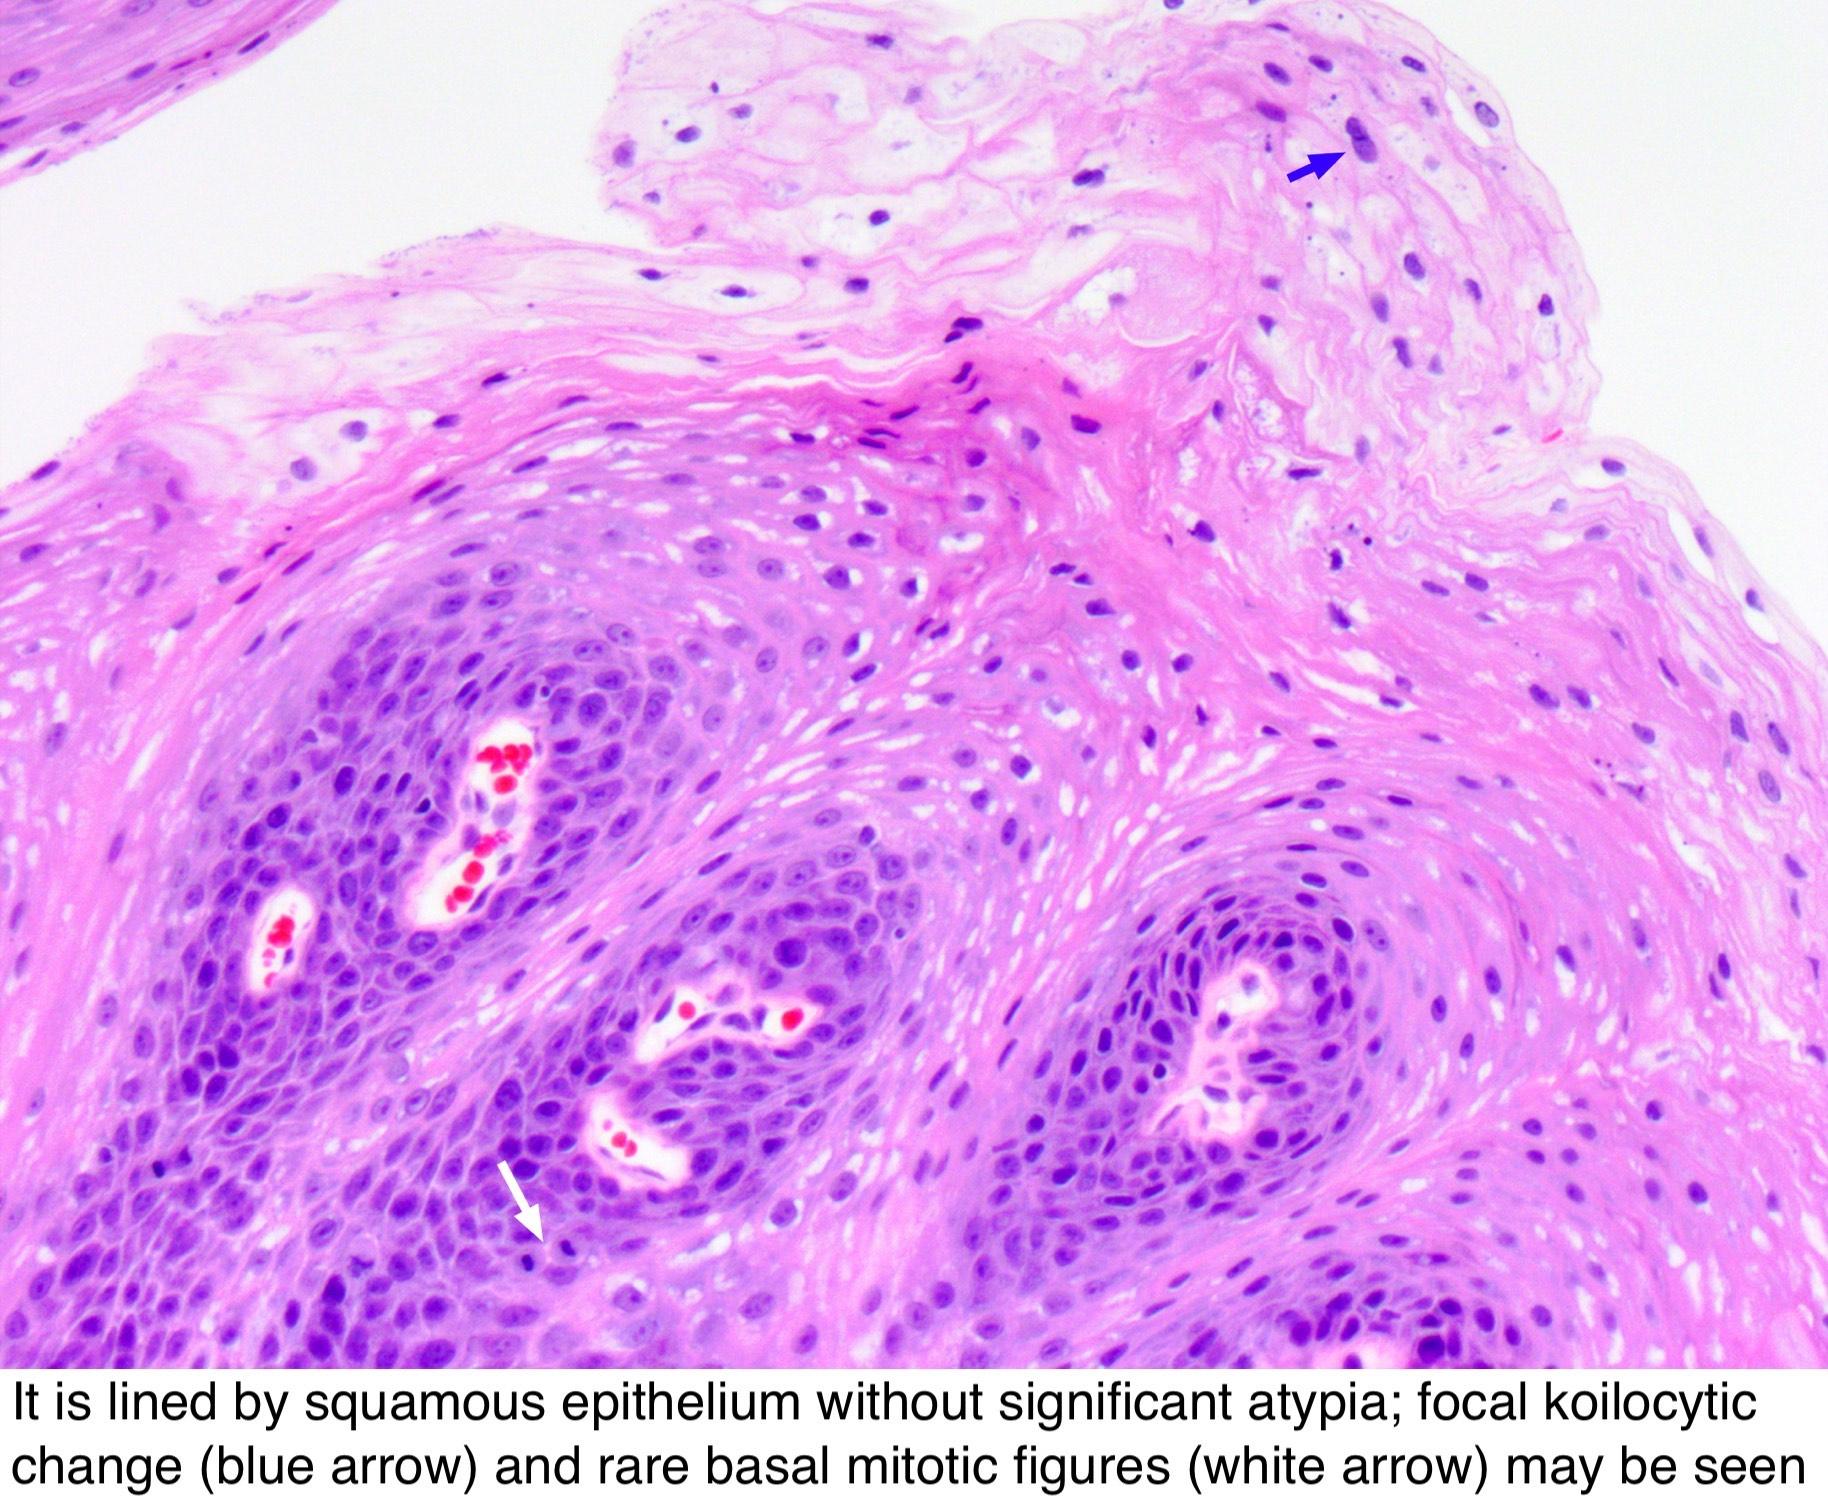 keratinizing squamous papilloma